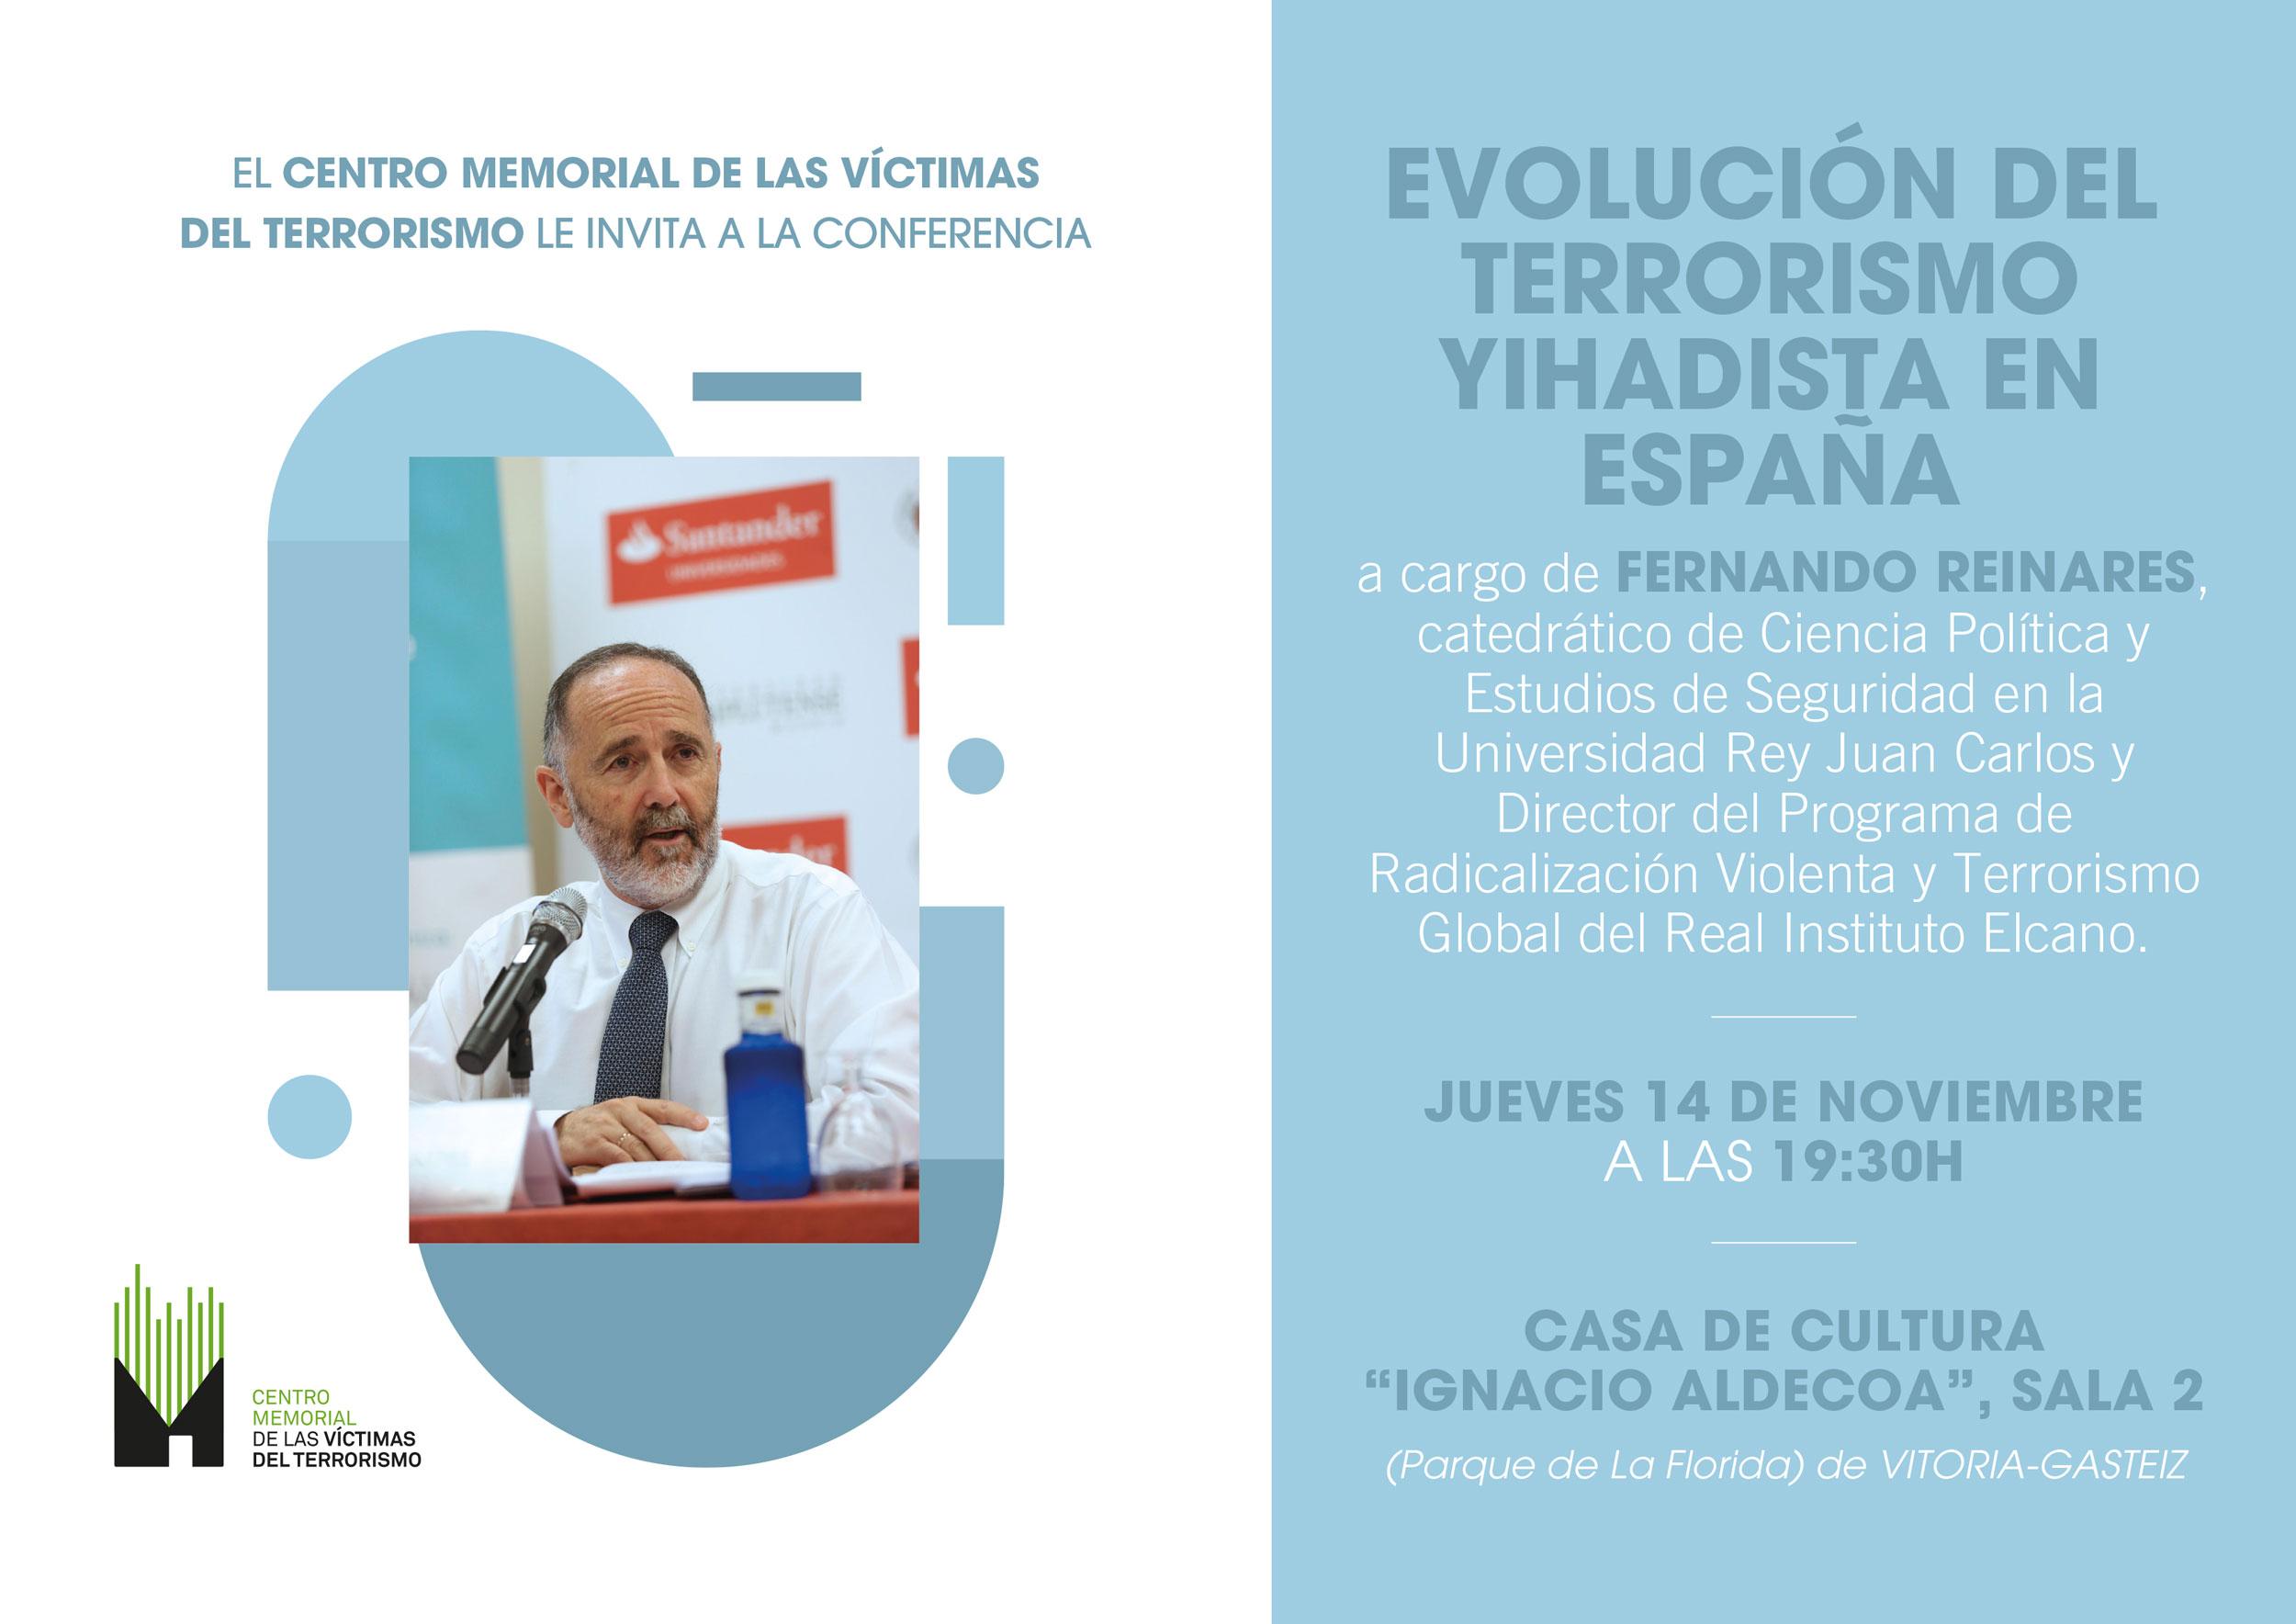 14-N: Conferencia Sobre Terrorismo Yihadista En España De Fernando Reinares En Vitoria